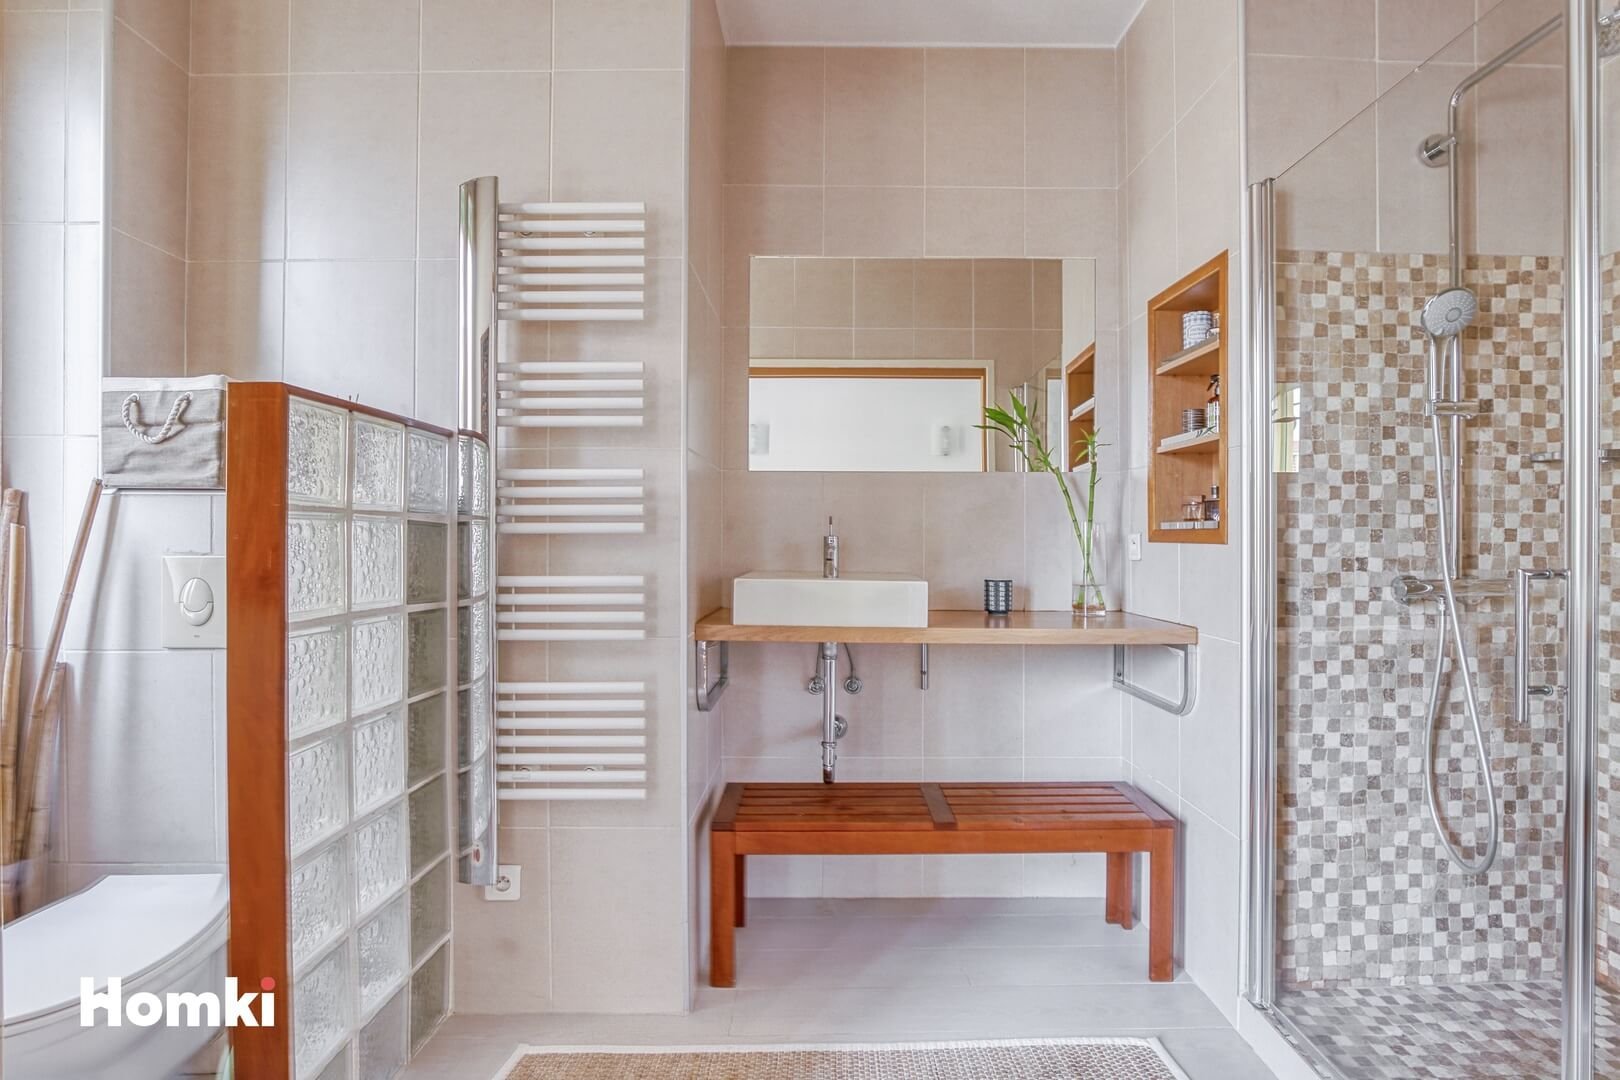 Homki - Vente Appartement  de 43.0 m² à Nice 06000